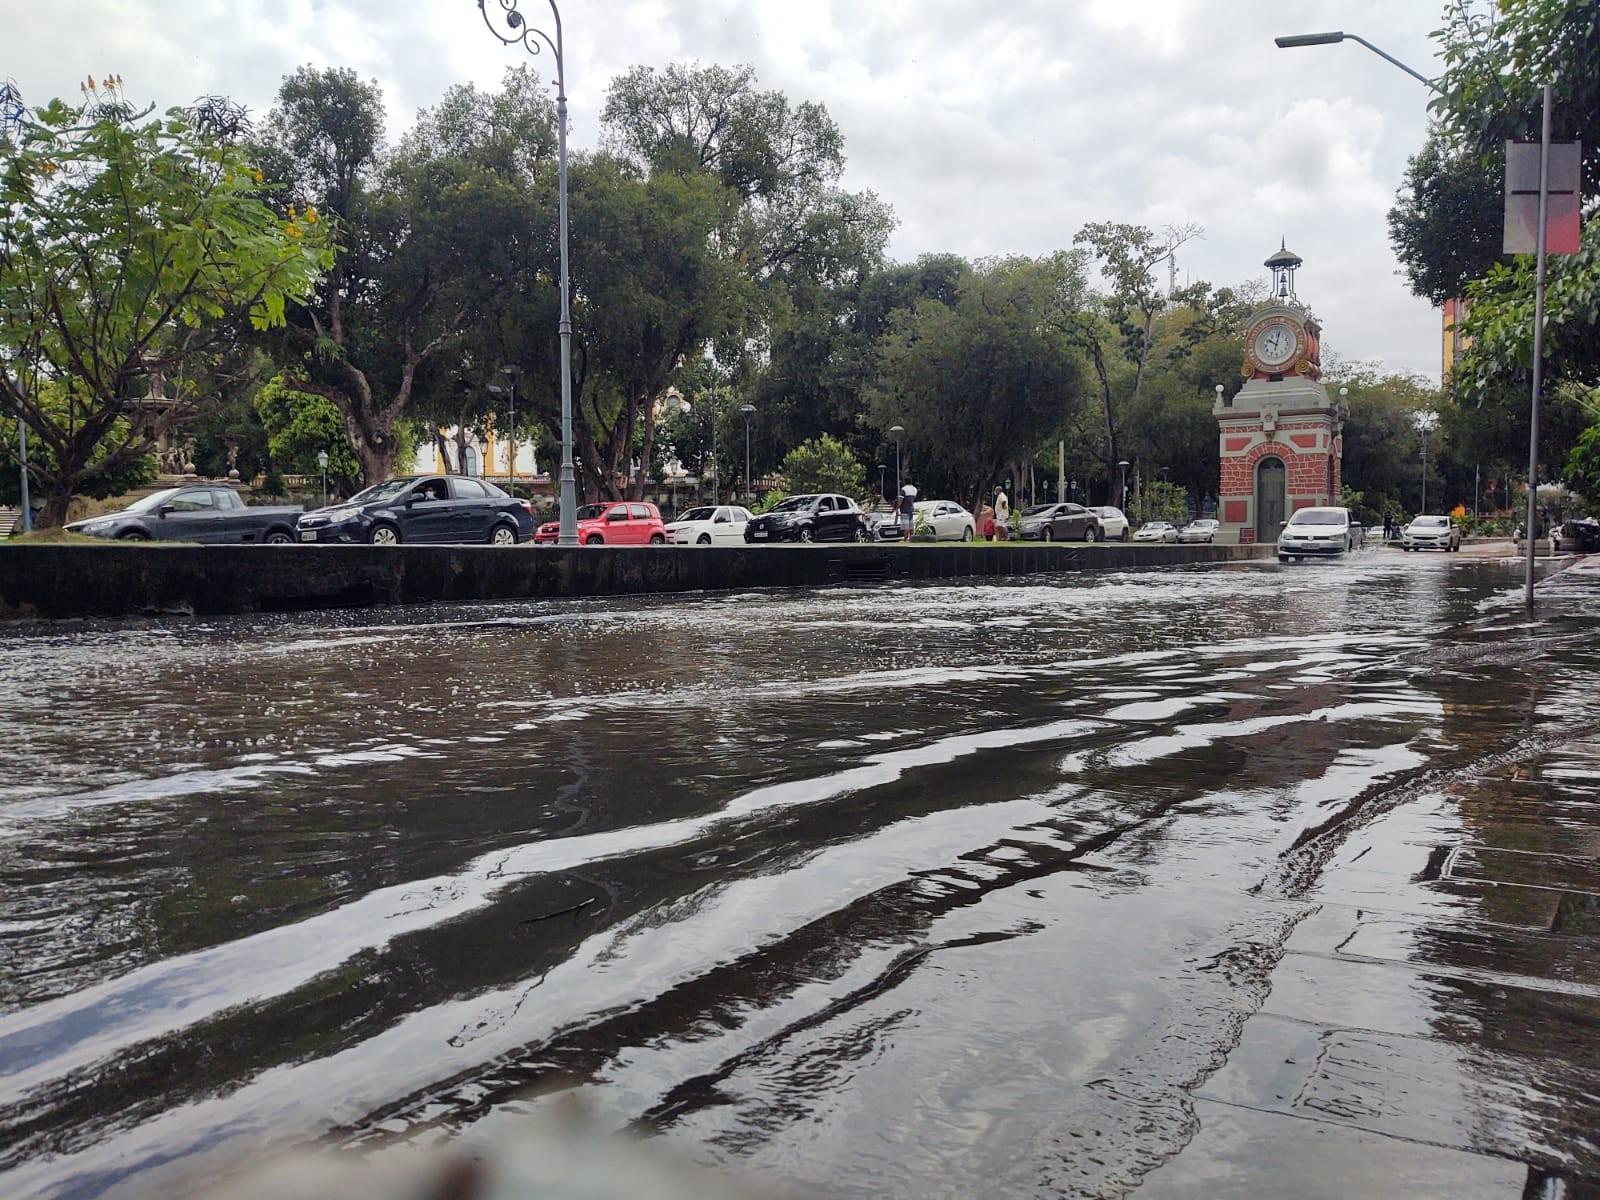 Enchente do Rio Negro avança e água chega à Praça do Relógio, Centro Histórico de Manaus